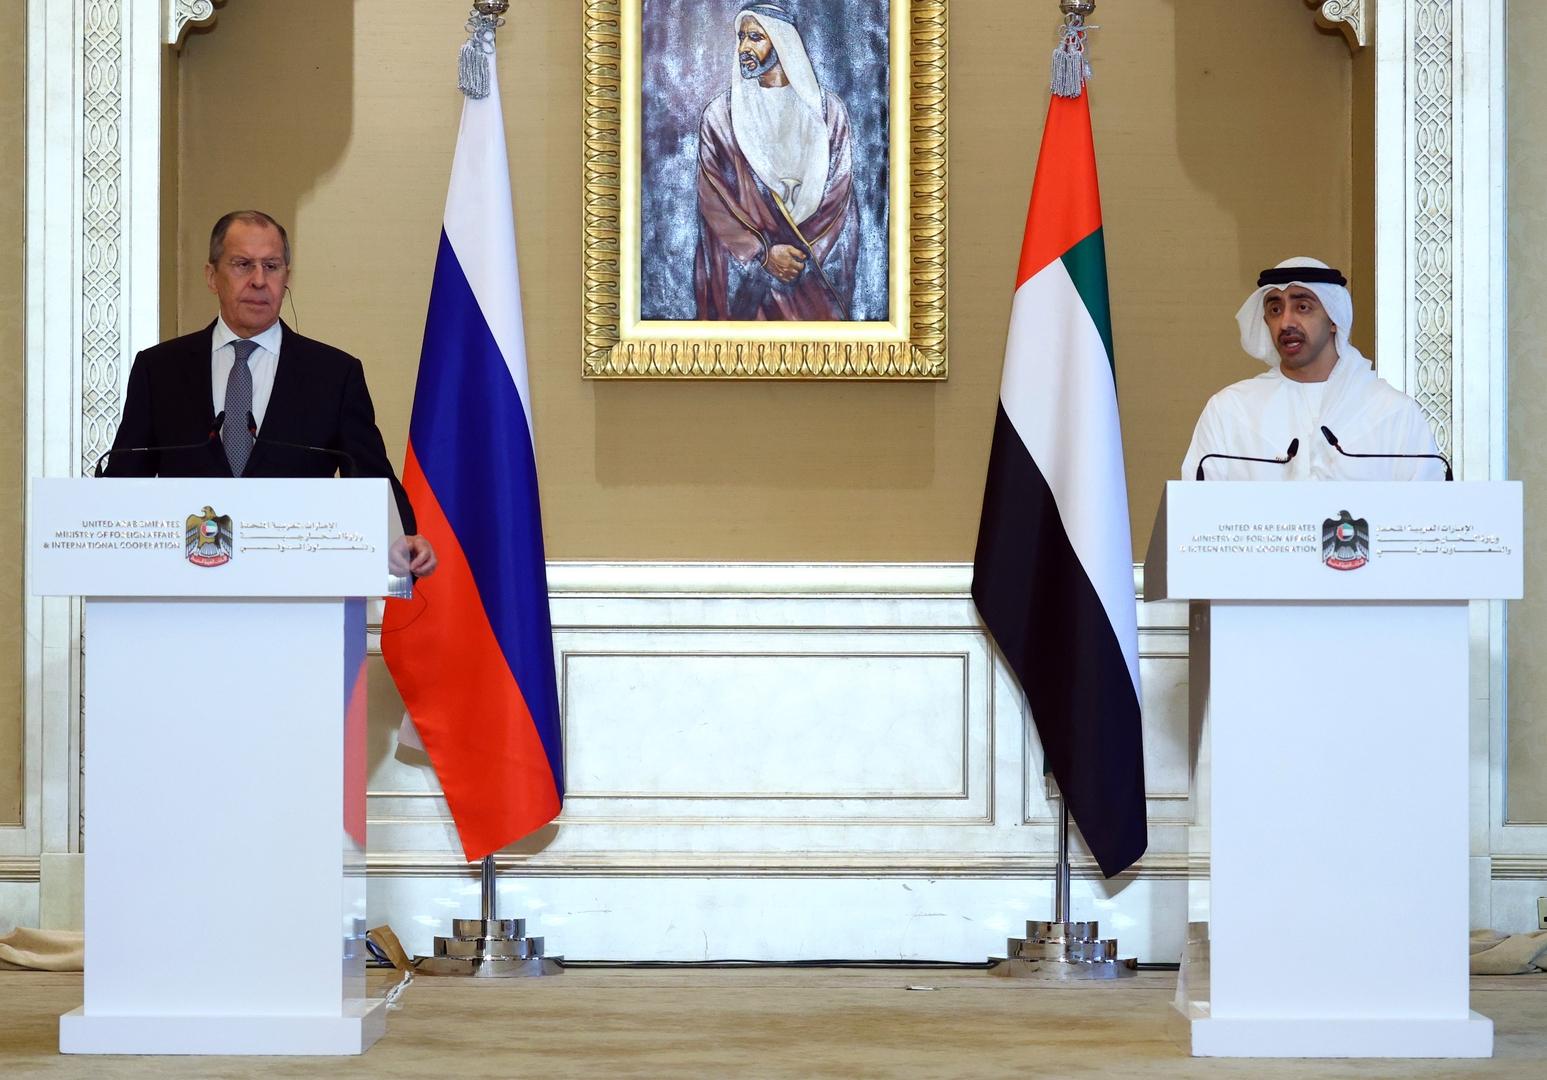 وزيرا الخارجية الروسي، سيرغي لافروف، والإمالراتي، عبد الله بن زايد آل نهيان في أبو ظبي